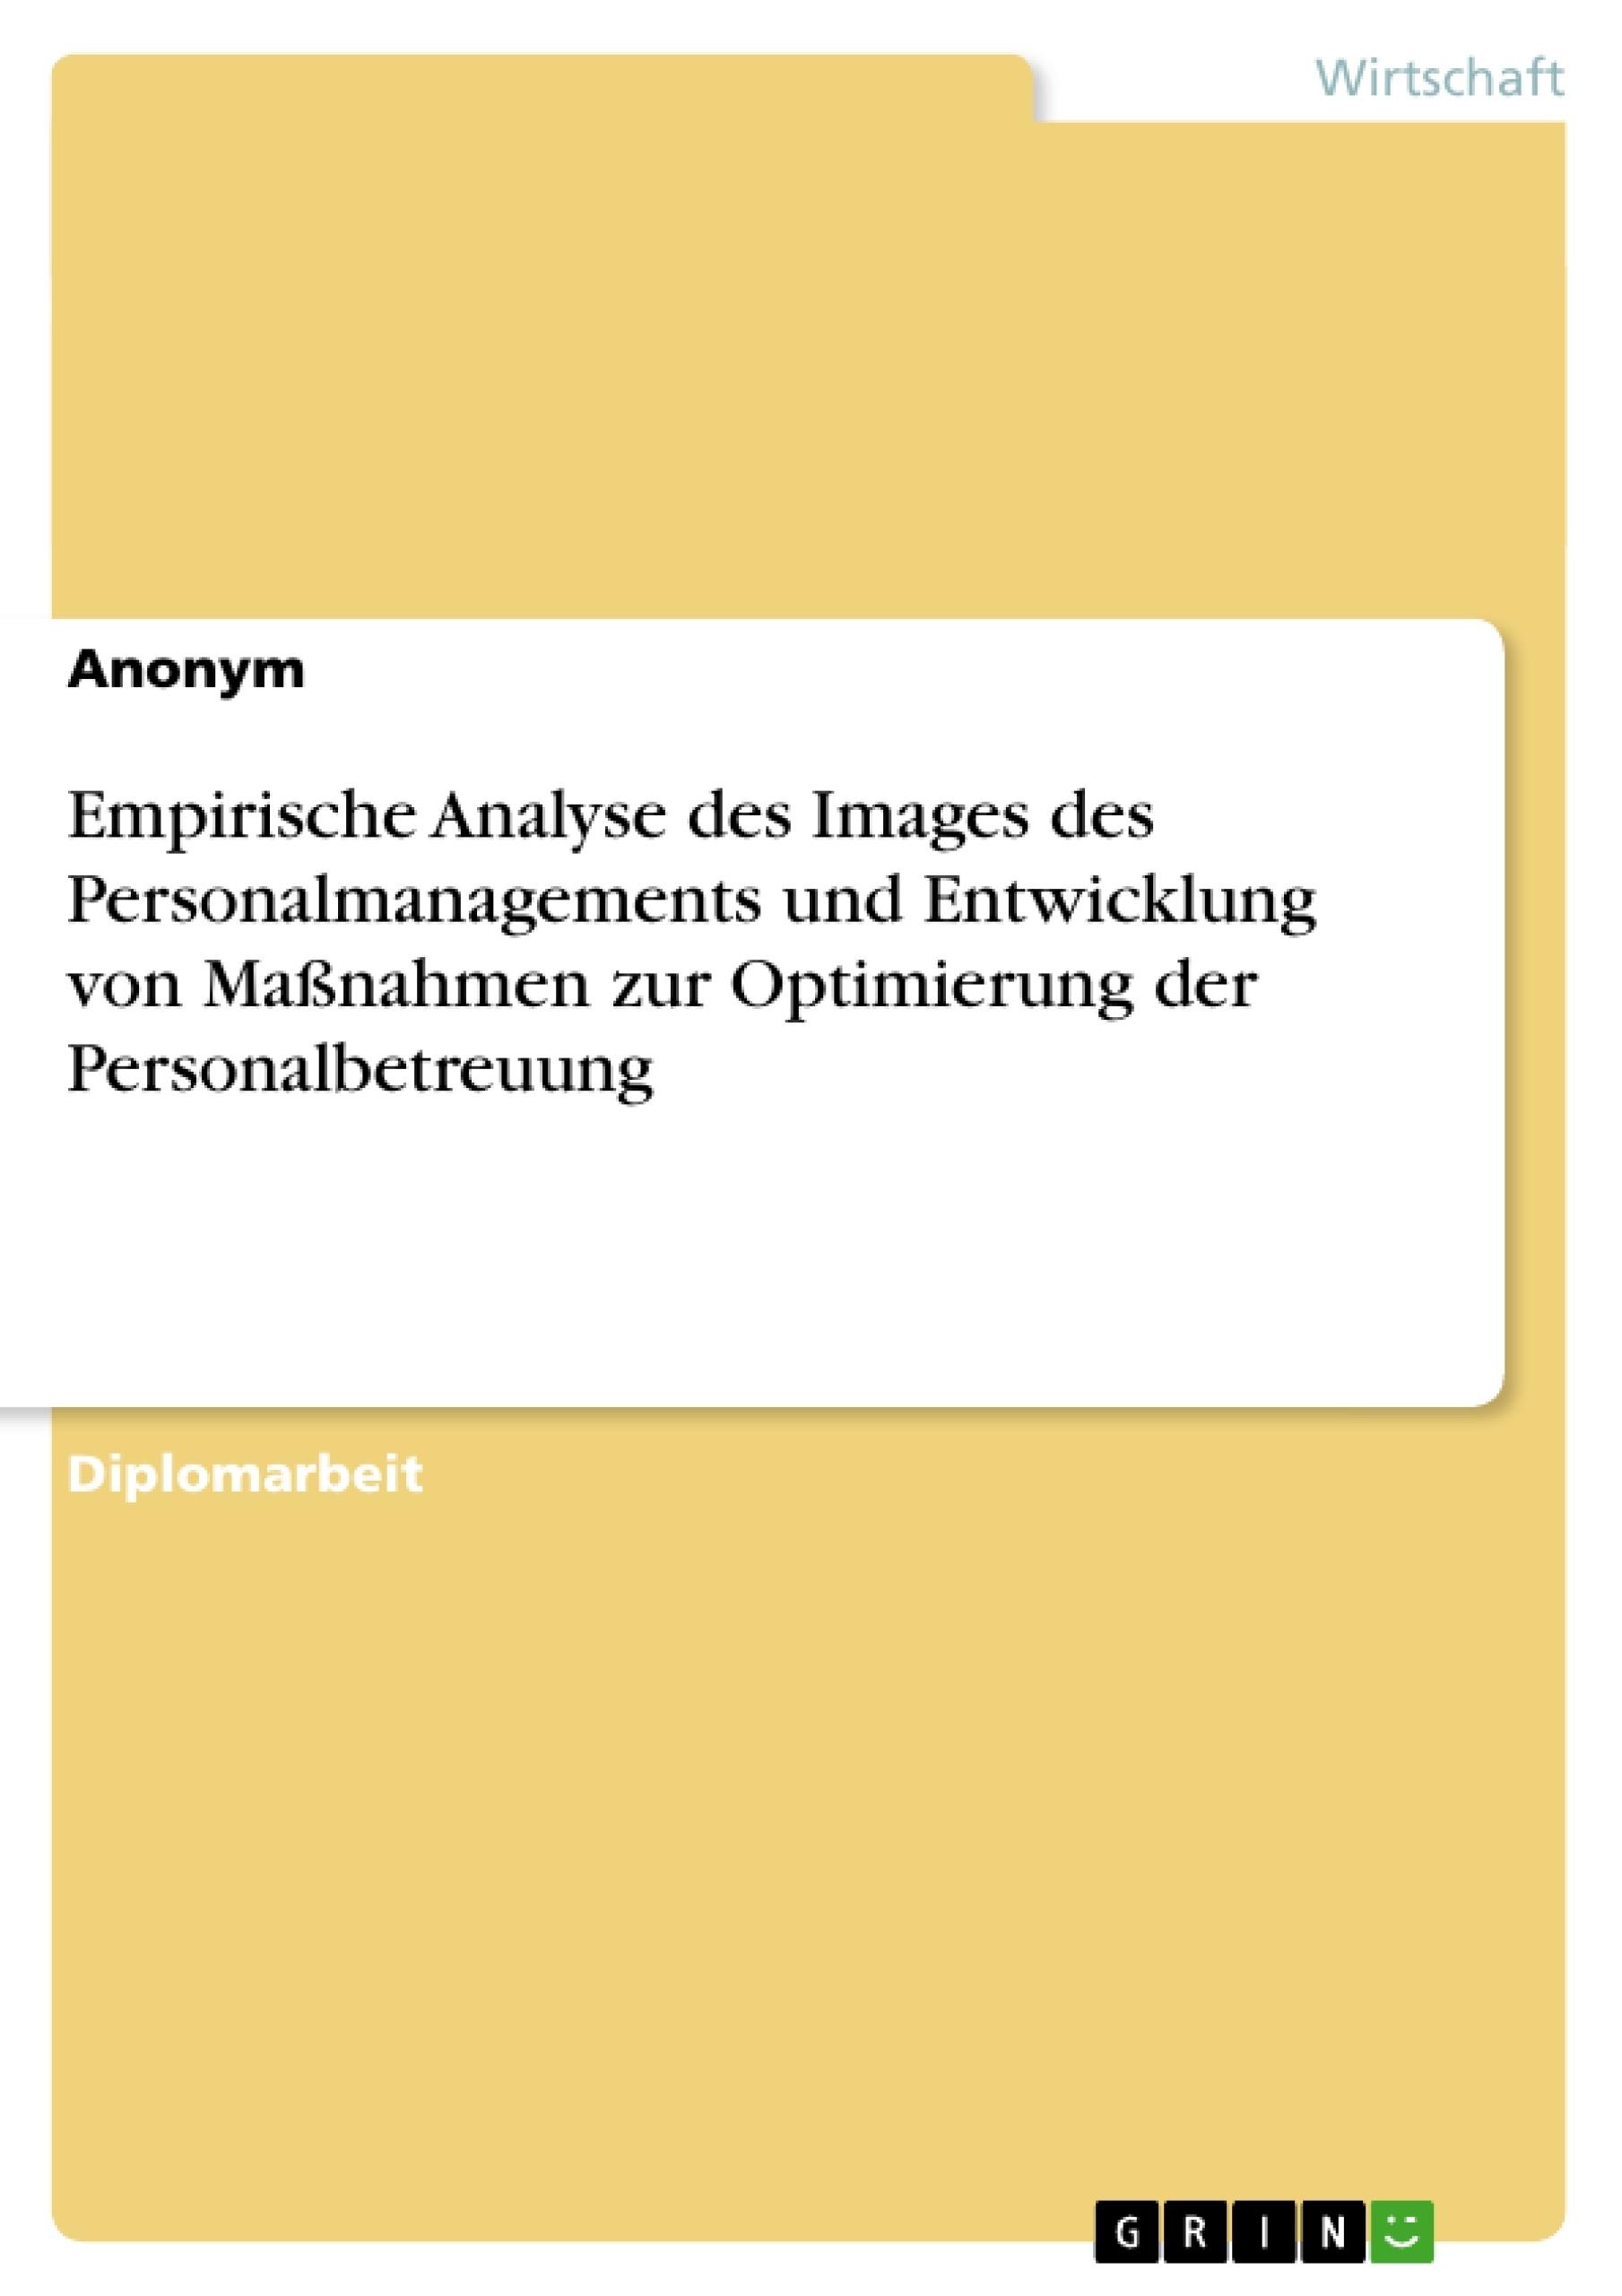 Titel: Empirische Analyse des Images des Personalmanagements und Entwicklung von Maßnahmen zur Optimierung der Personalbetreuung